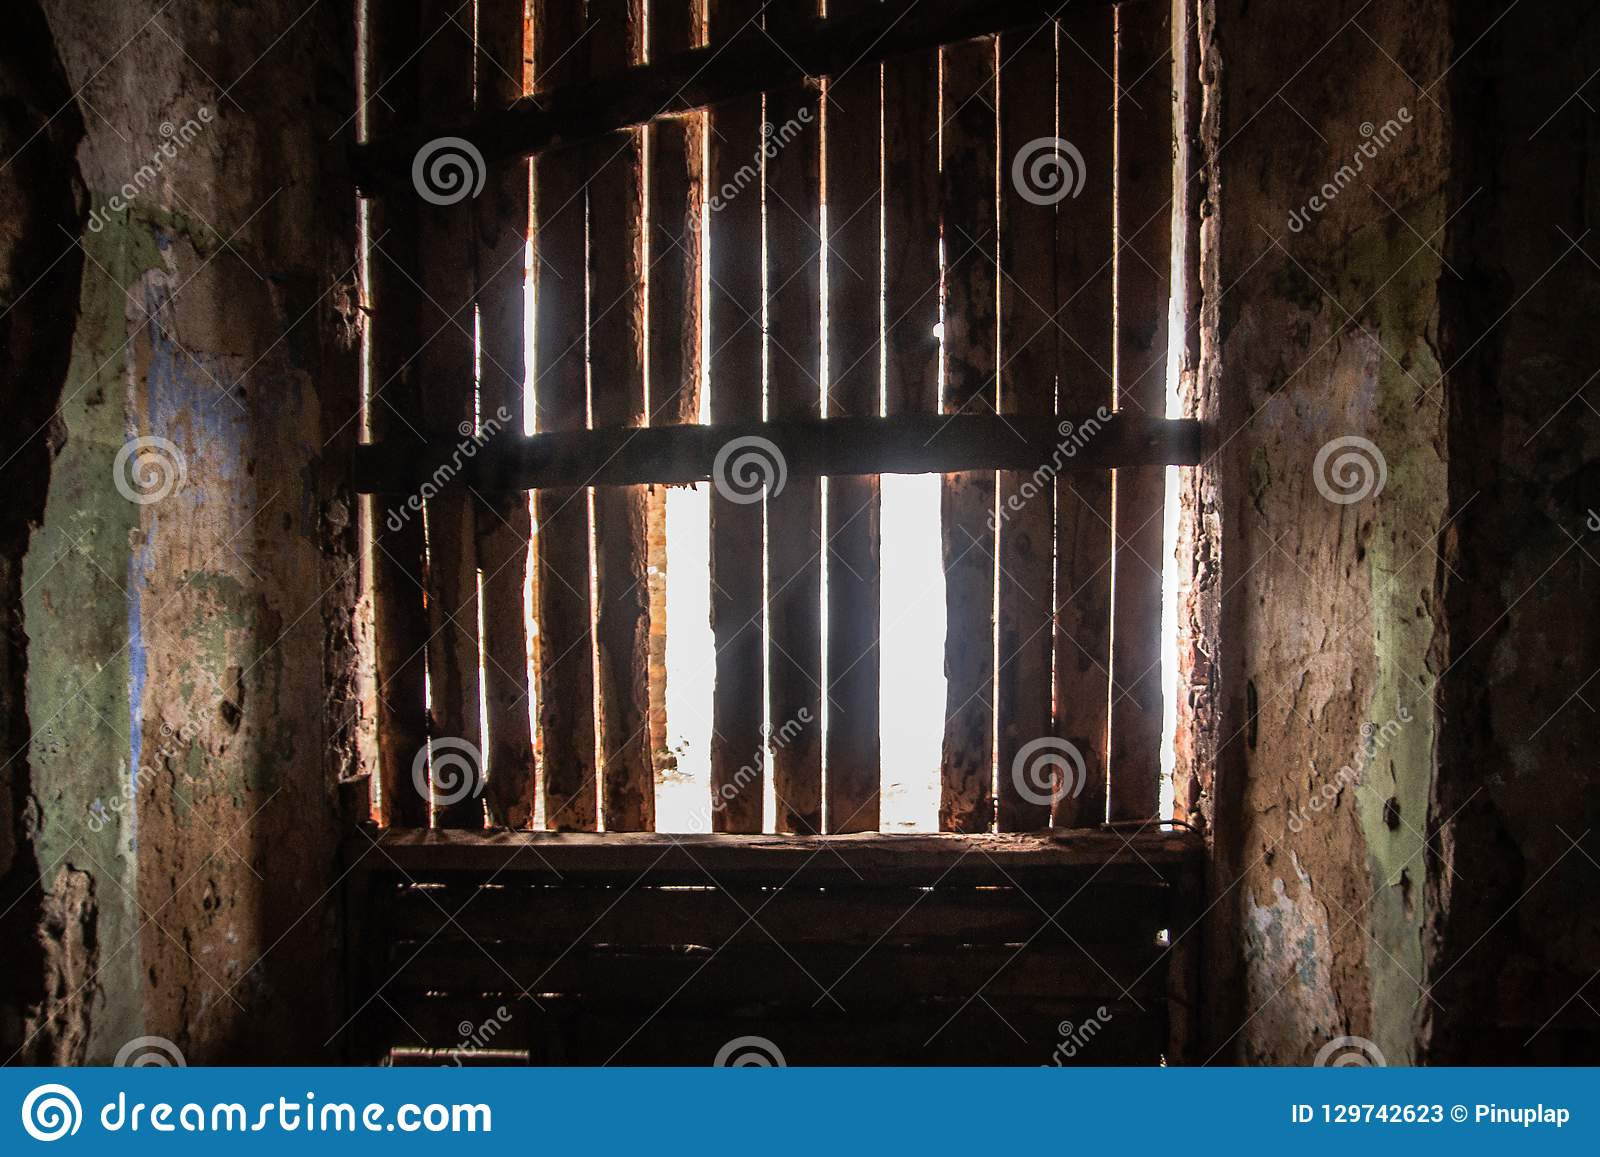 Het zonlicht doordringt het onderdrukte venster in de oude donkere ruimte